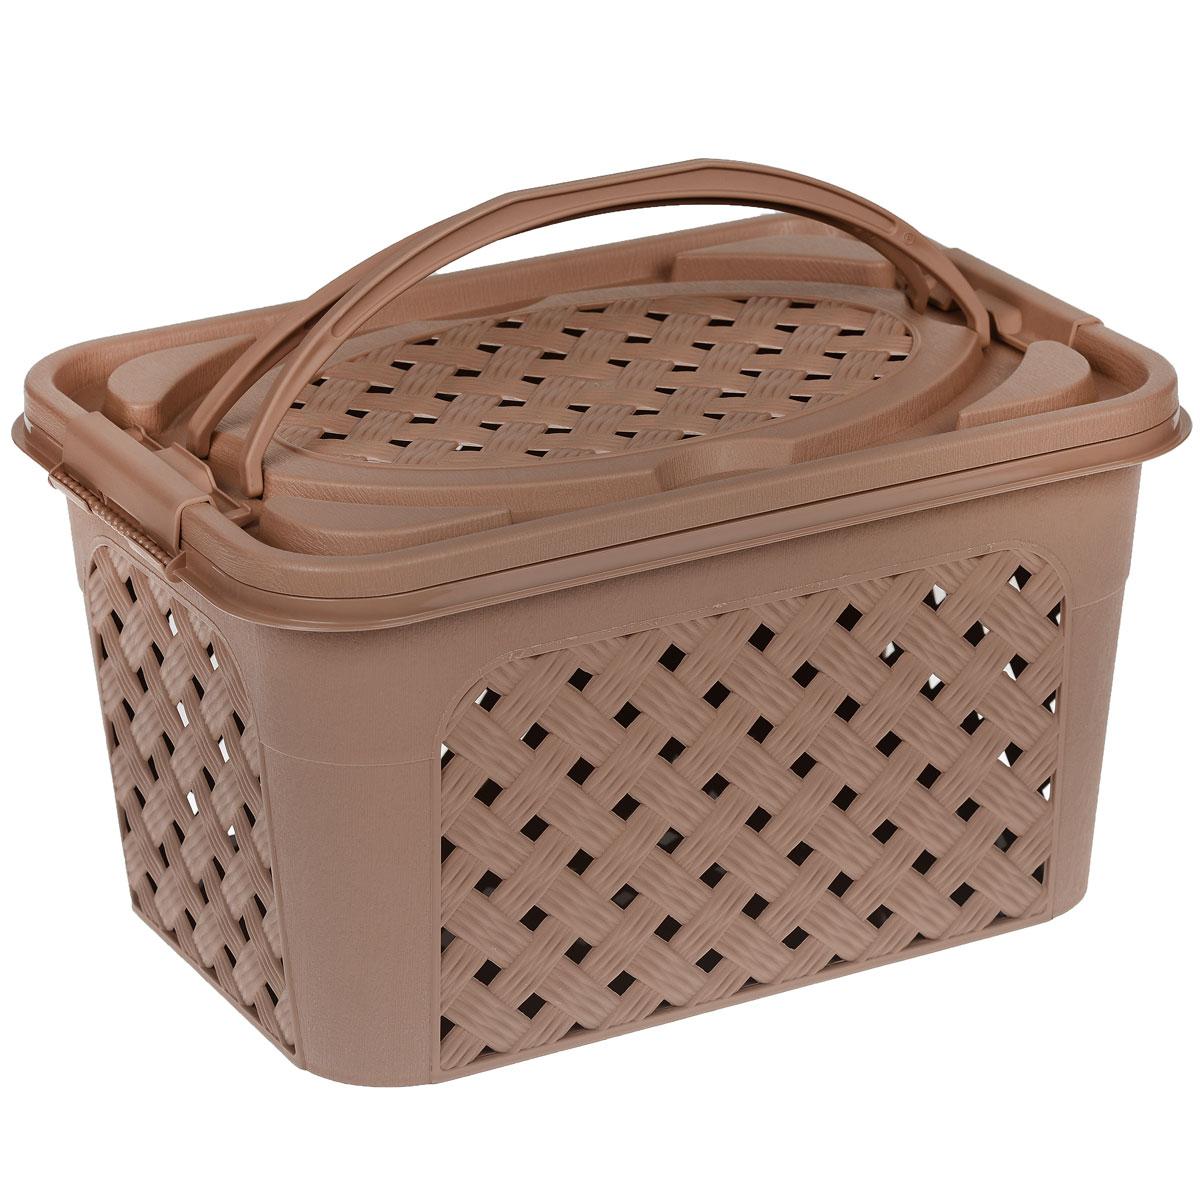 Контейнер Альтернатива Плетенка-люкс, цвет: темно-бежевый, 39 см х 26 см х 21 см10503Контейнер Альтернатива Плетенка-люкс выполнен из прочного пластика. Он предназначен для хранения различных бытовых вещей и продуктов.Контейнер имеет крышку, которая легко открывается и плотно закрывается, благодаря зажимам, расположенным по бокам. Стенки контейнера и крышка имитированы под плетение, за счет этого обеспечивается естественная вентиляция. Контейнер оснащен двумя ручками, благодаря которым его удобно переносить. Контейнер поможет хранить все в одном месте, а также его можно использовать как корзину для пикника.